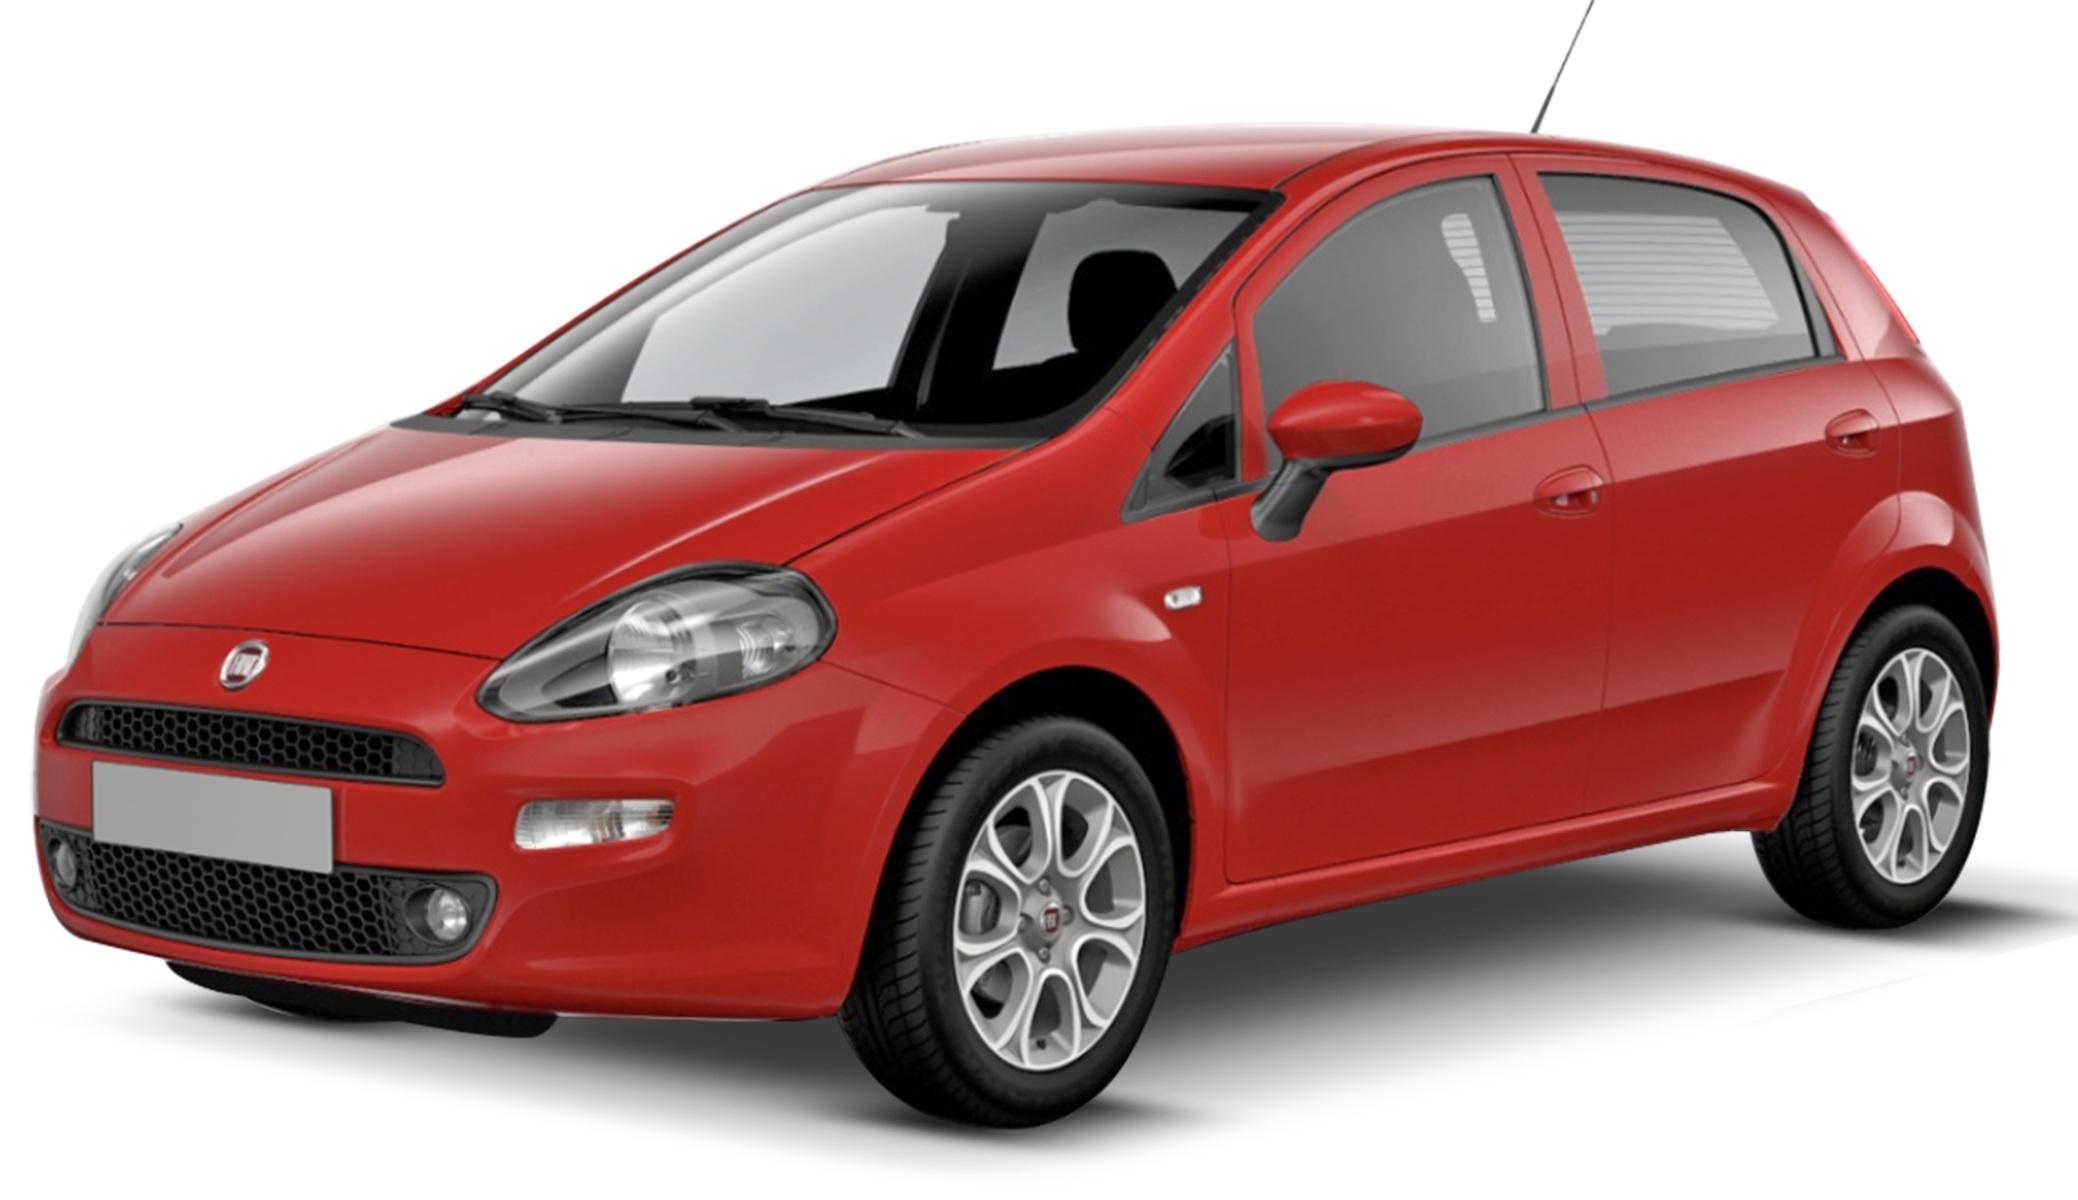 Fiat stilo prove e scheda tecnica su Usato.Quattroruote